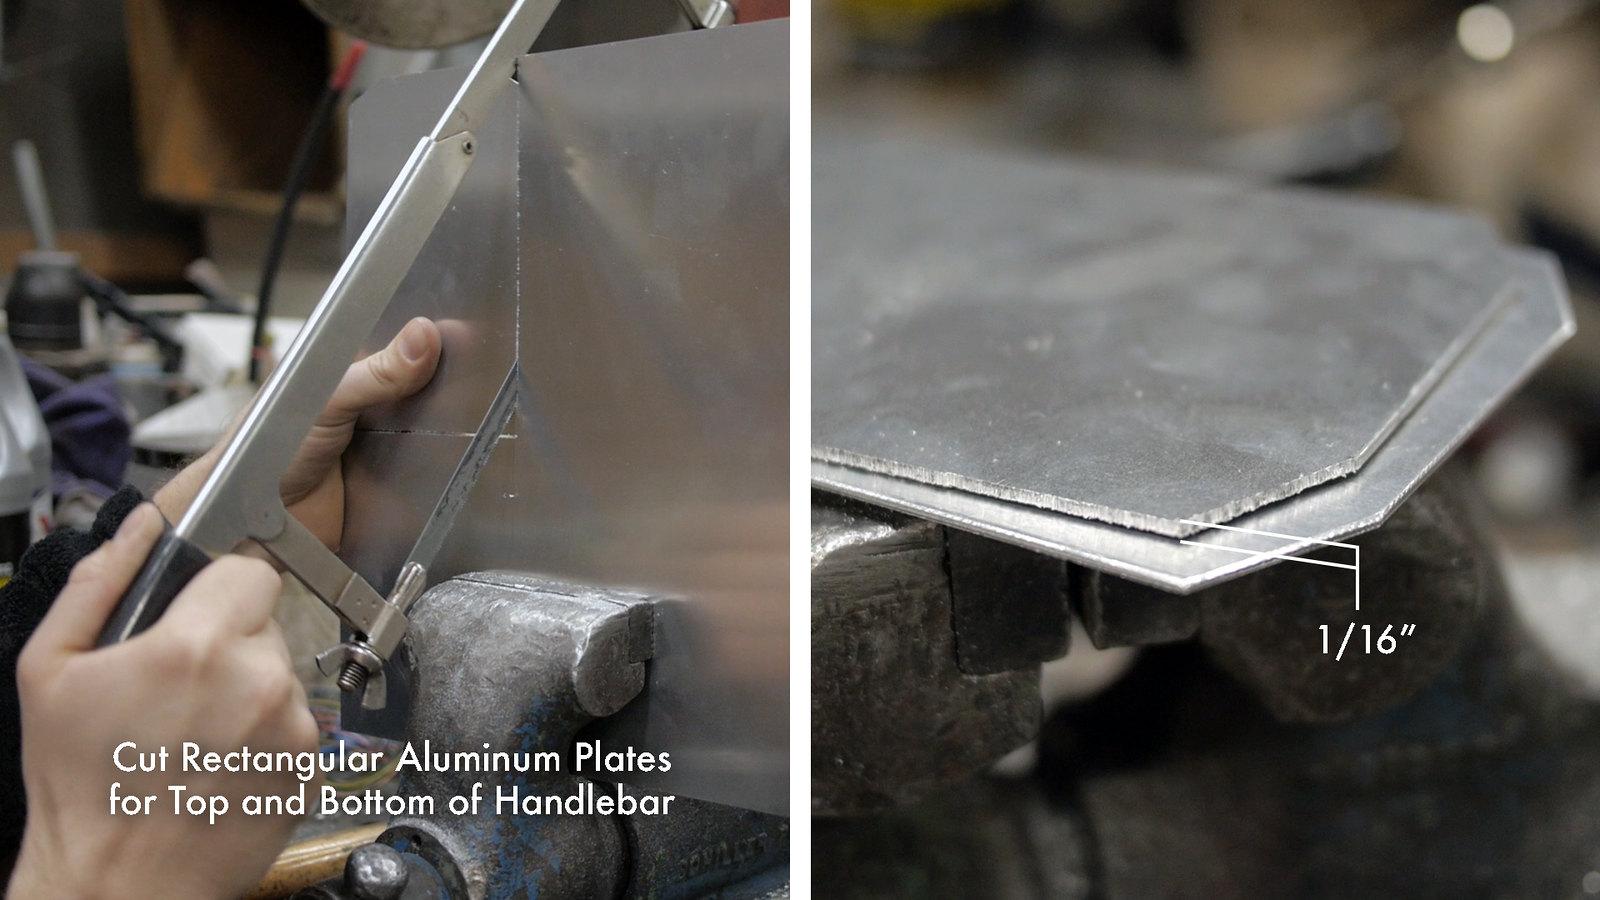 Cut Aluminum Plates for Handlebar